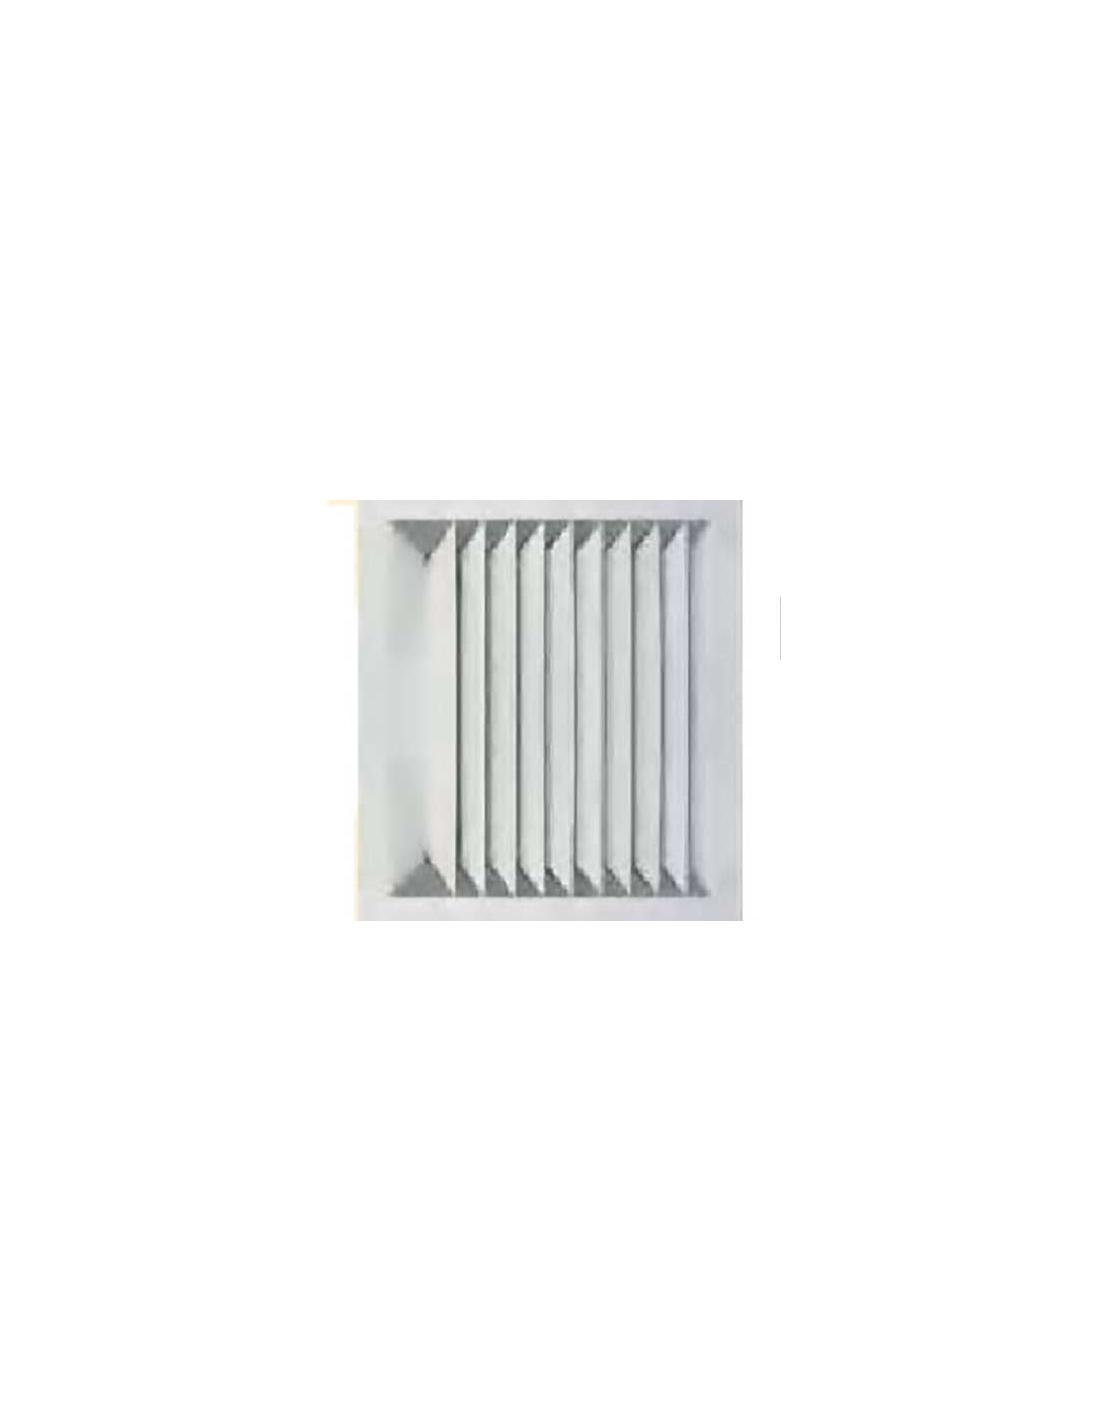 DIFFUSEUR de ventilation 1WAY - 1